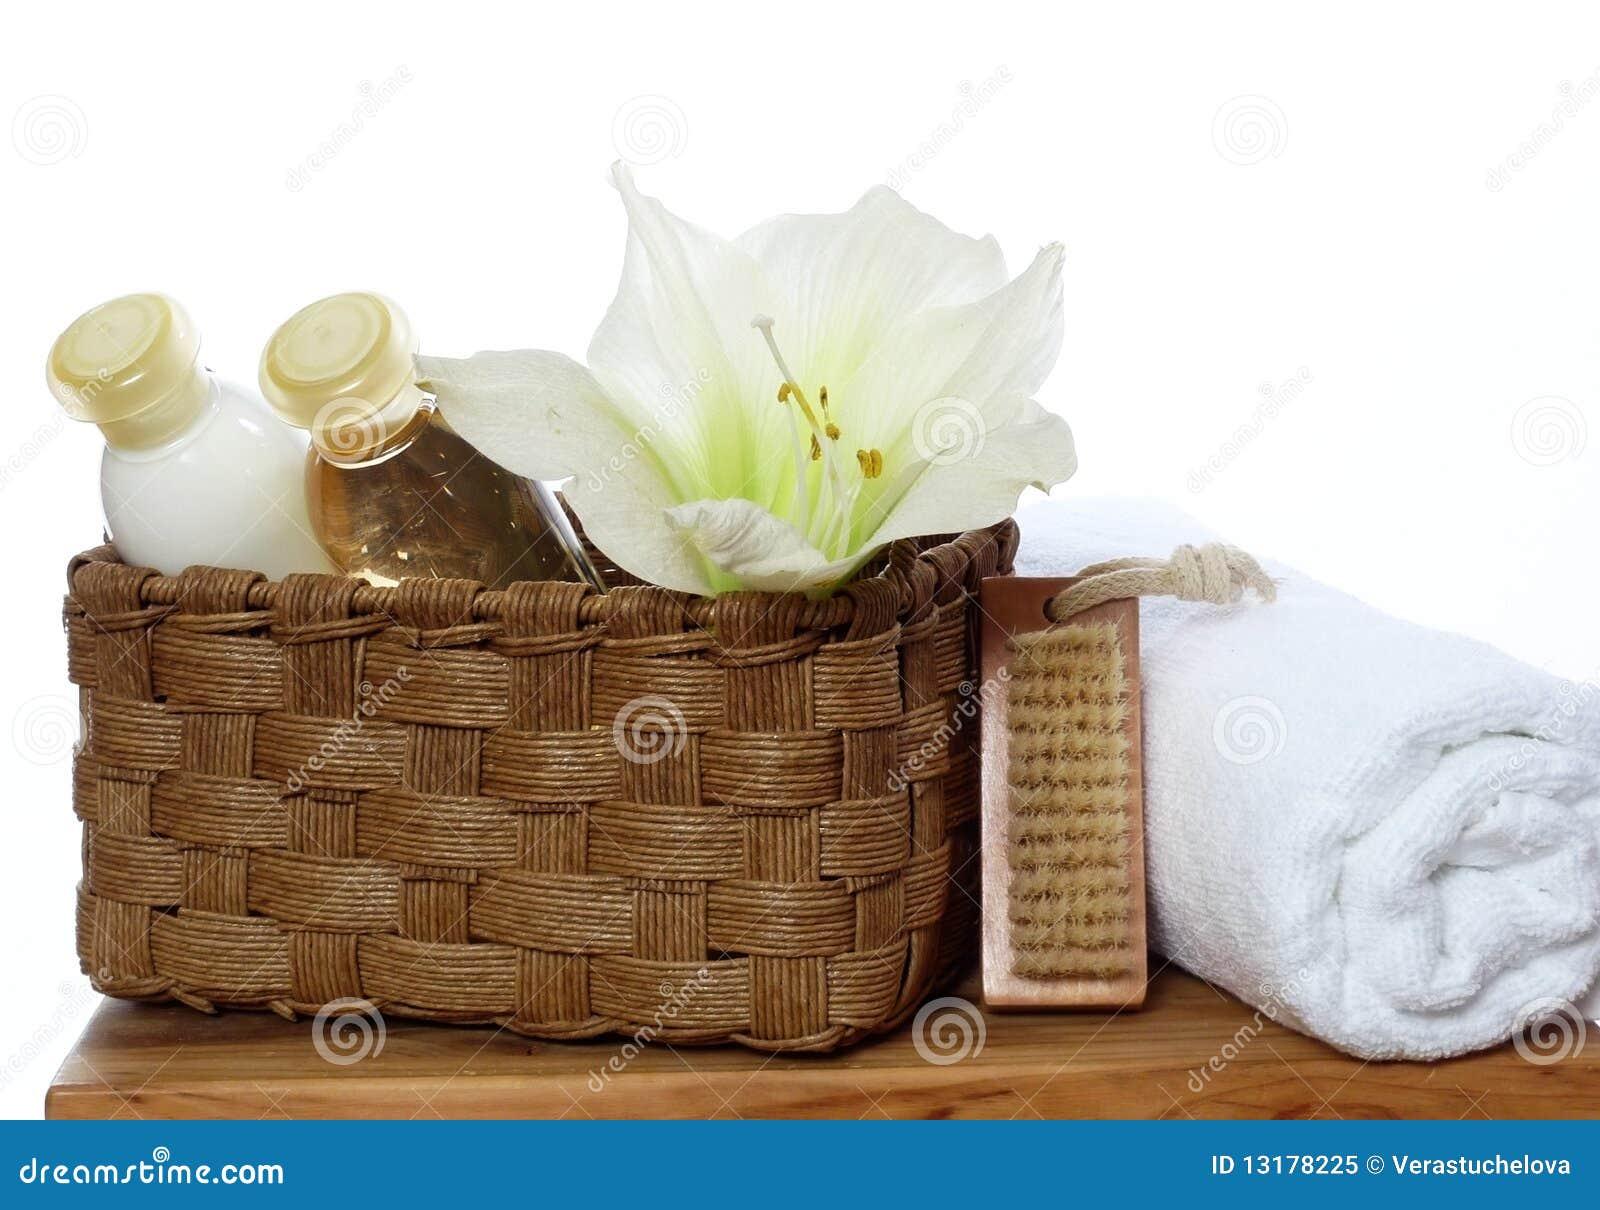 De decoratie van het kuuroord zeep lotion handdoek royalty vrije stock foto afbeelding - Decoratie van de villas ...